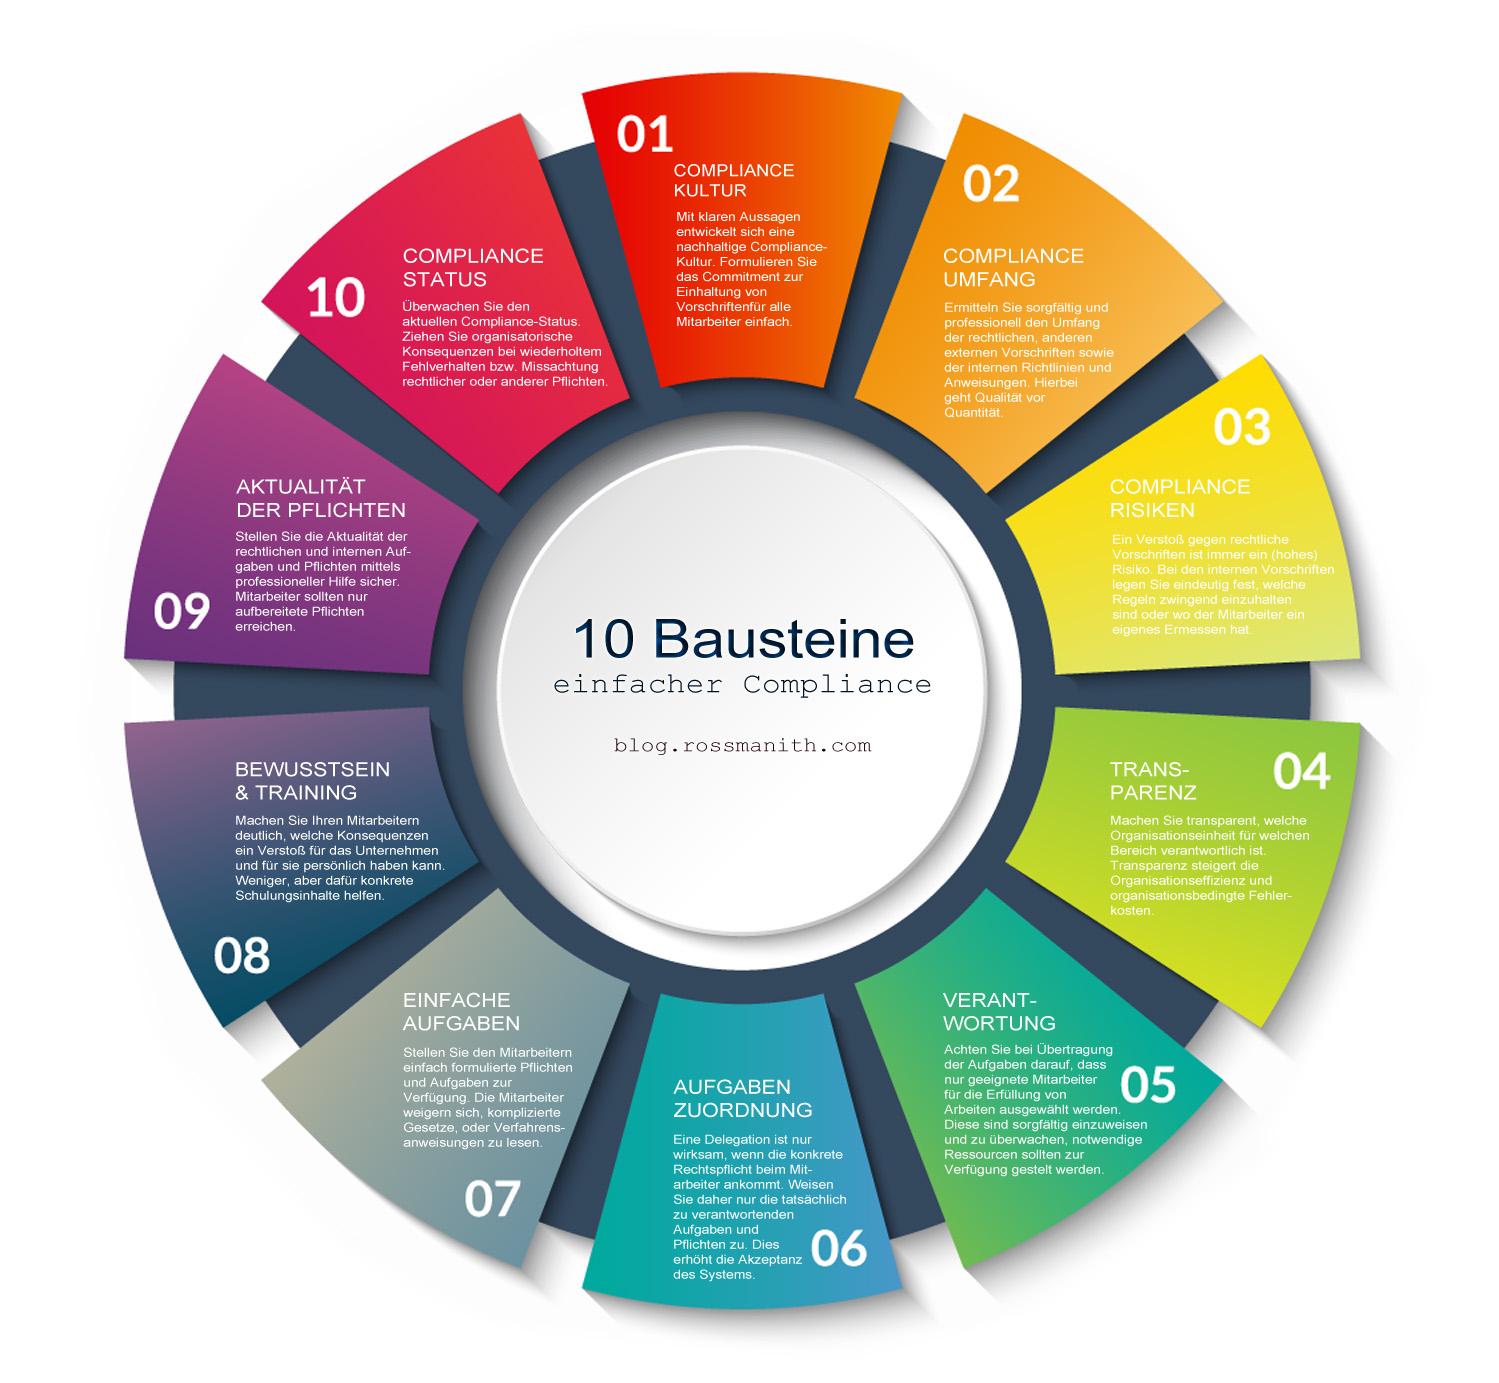 10 Bausteine einfacher Compliance im Unternehmen_Rossmanith-Blog